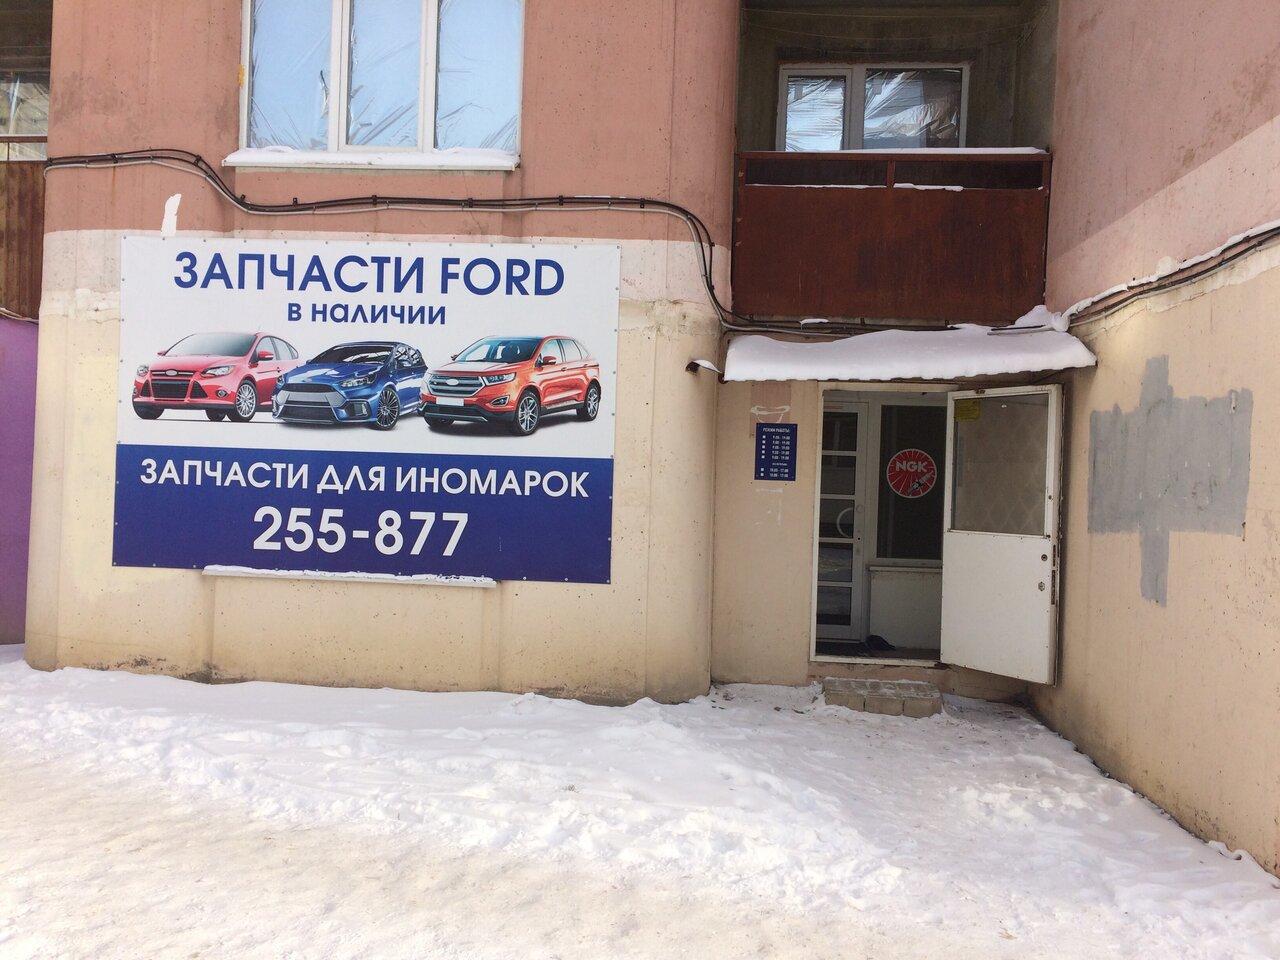 Магазин Запчастей Форд Саратов